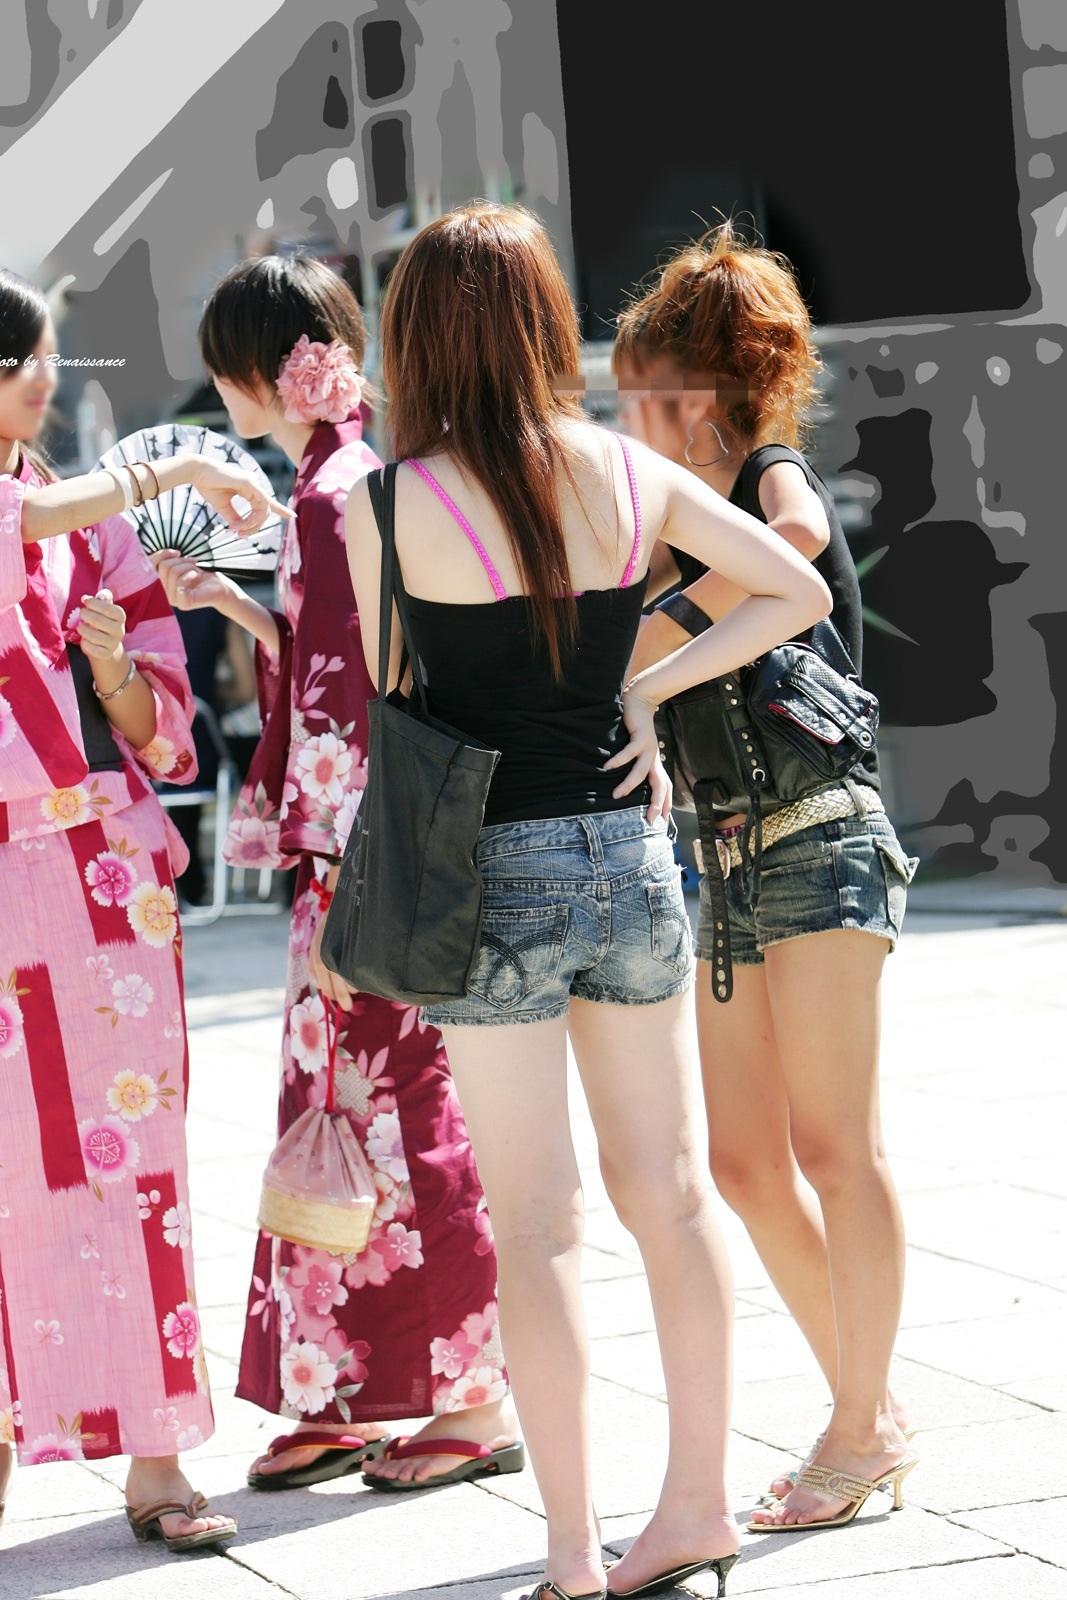 【美脚エロ画像】夏だから下まで生!ショーパン女子達の輝かしい下半身www 14